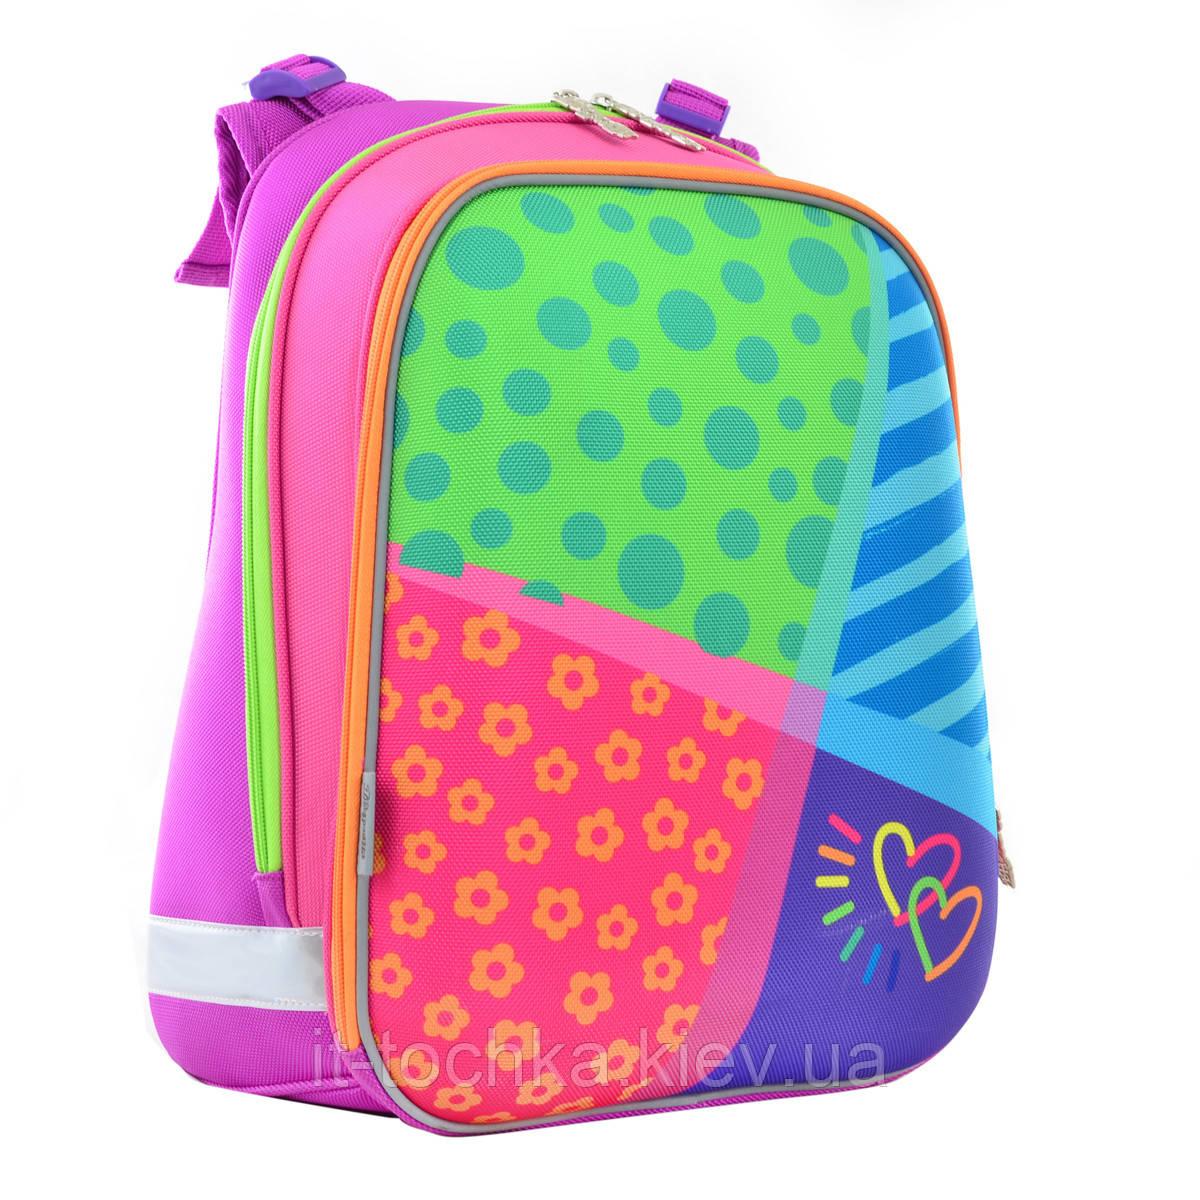 Рюкзак школьный каркасный 1 Вересня h-12 bright colors, 38*29*15